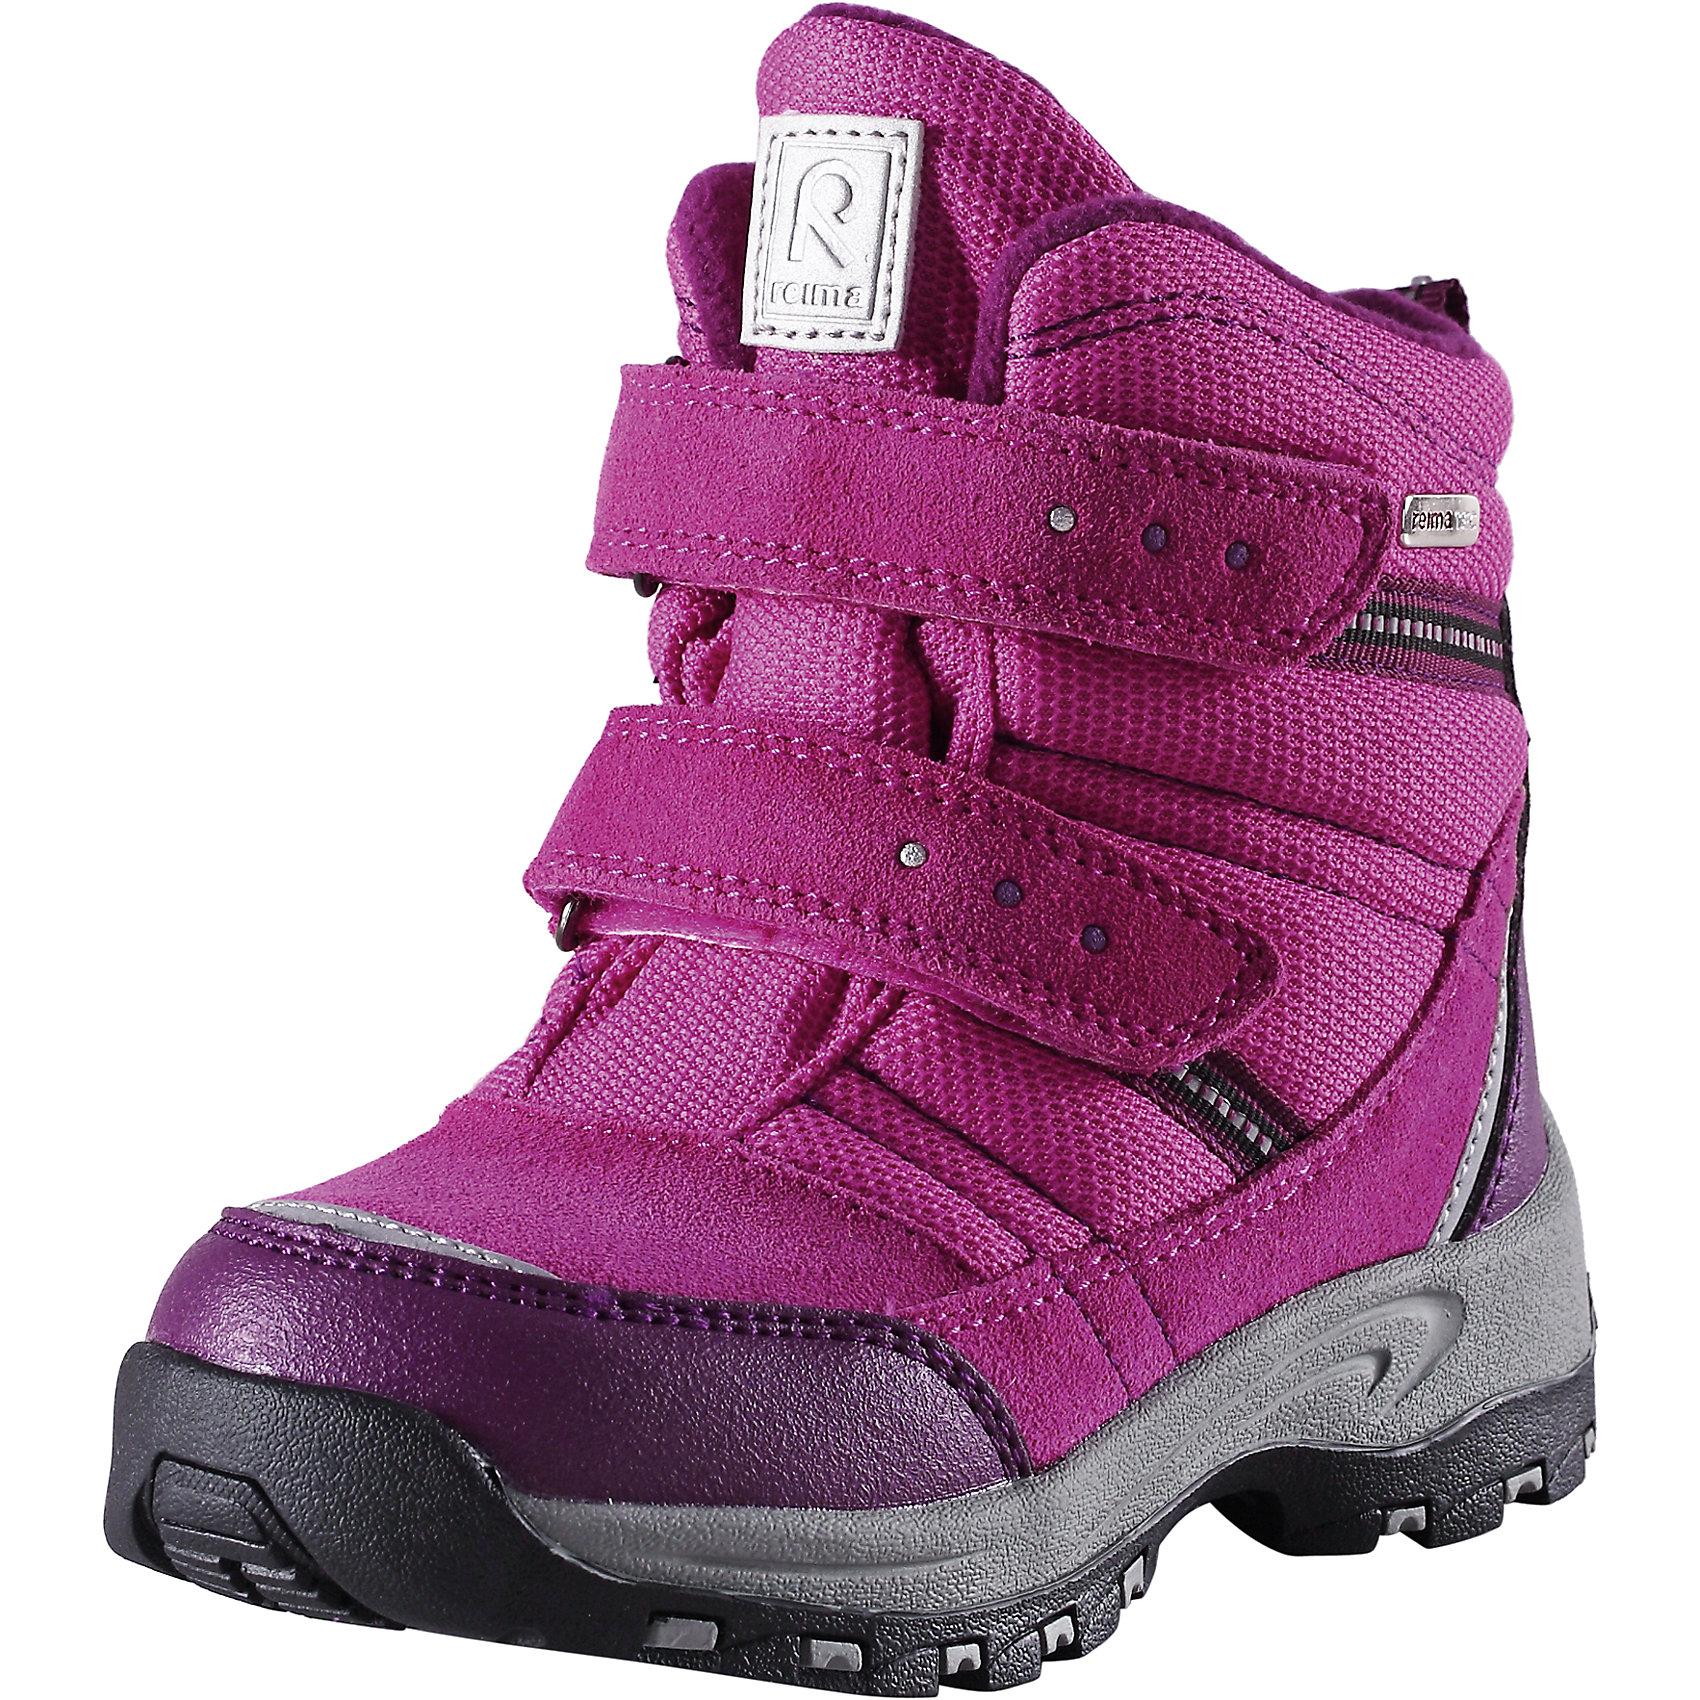 Ботинки Visby для девочки Reimatec® ReimaОбувь<br>Ботинки  Reimatec® Reima<br>Зимние сапоги для детей. Водонепроницаемая зимняя обувь. Верх из натуральной замши (из телячьей кожи), синтетического материала и текстиля. Эластичная и прочная резиновая подошва Reima® для максимальной устойчивости. Водонепроницаемая конструкция с герметичными вставками и подкладкой из искусственного меха. Подкладка из искусственного меха. Съемные стельки из войлока с рисунком Happy Fit, который помогает определить размер. Простая застежка на липучке, имеющая две точки крепления. Светоотражающие детали.<br>Уход:<br>Храните обувь в вертикальном положении при комнатной температуре. Сушить обувь всегда следует при комнатной температуре: вынув съемные стельки. Стельки следует время от времени заменять на новые. Налипшую грязь можно счищать щеткой или влажной тряпкой. Перед использованием обувь рекомендуется обрабатывать специальными защитными средствами.<br>Состав:<br>Подошва: 100% резина, Верх: 60% ПЭ, 20% ПУ, 20% Кожа<br><br>Ширина мм: 262<br>Глубина мм: 176<br>Высота мм: 97<br>Вес г: 427<br>Цвет: розовый<br>Возраст от месяцев: 60<br>Возраст до месяцев: 72<br>Пол: Женский<br>Возраст: Детский<br>Размер: 29,27,34,31,33,28,25,32,24,26,35,30<br>SKU: 4776905